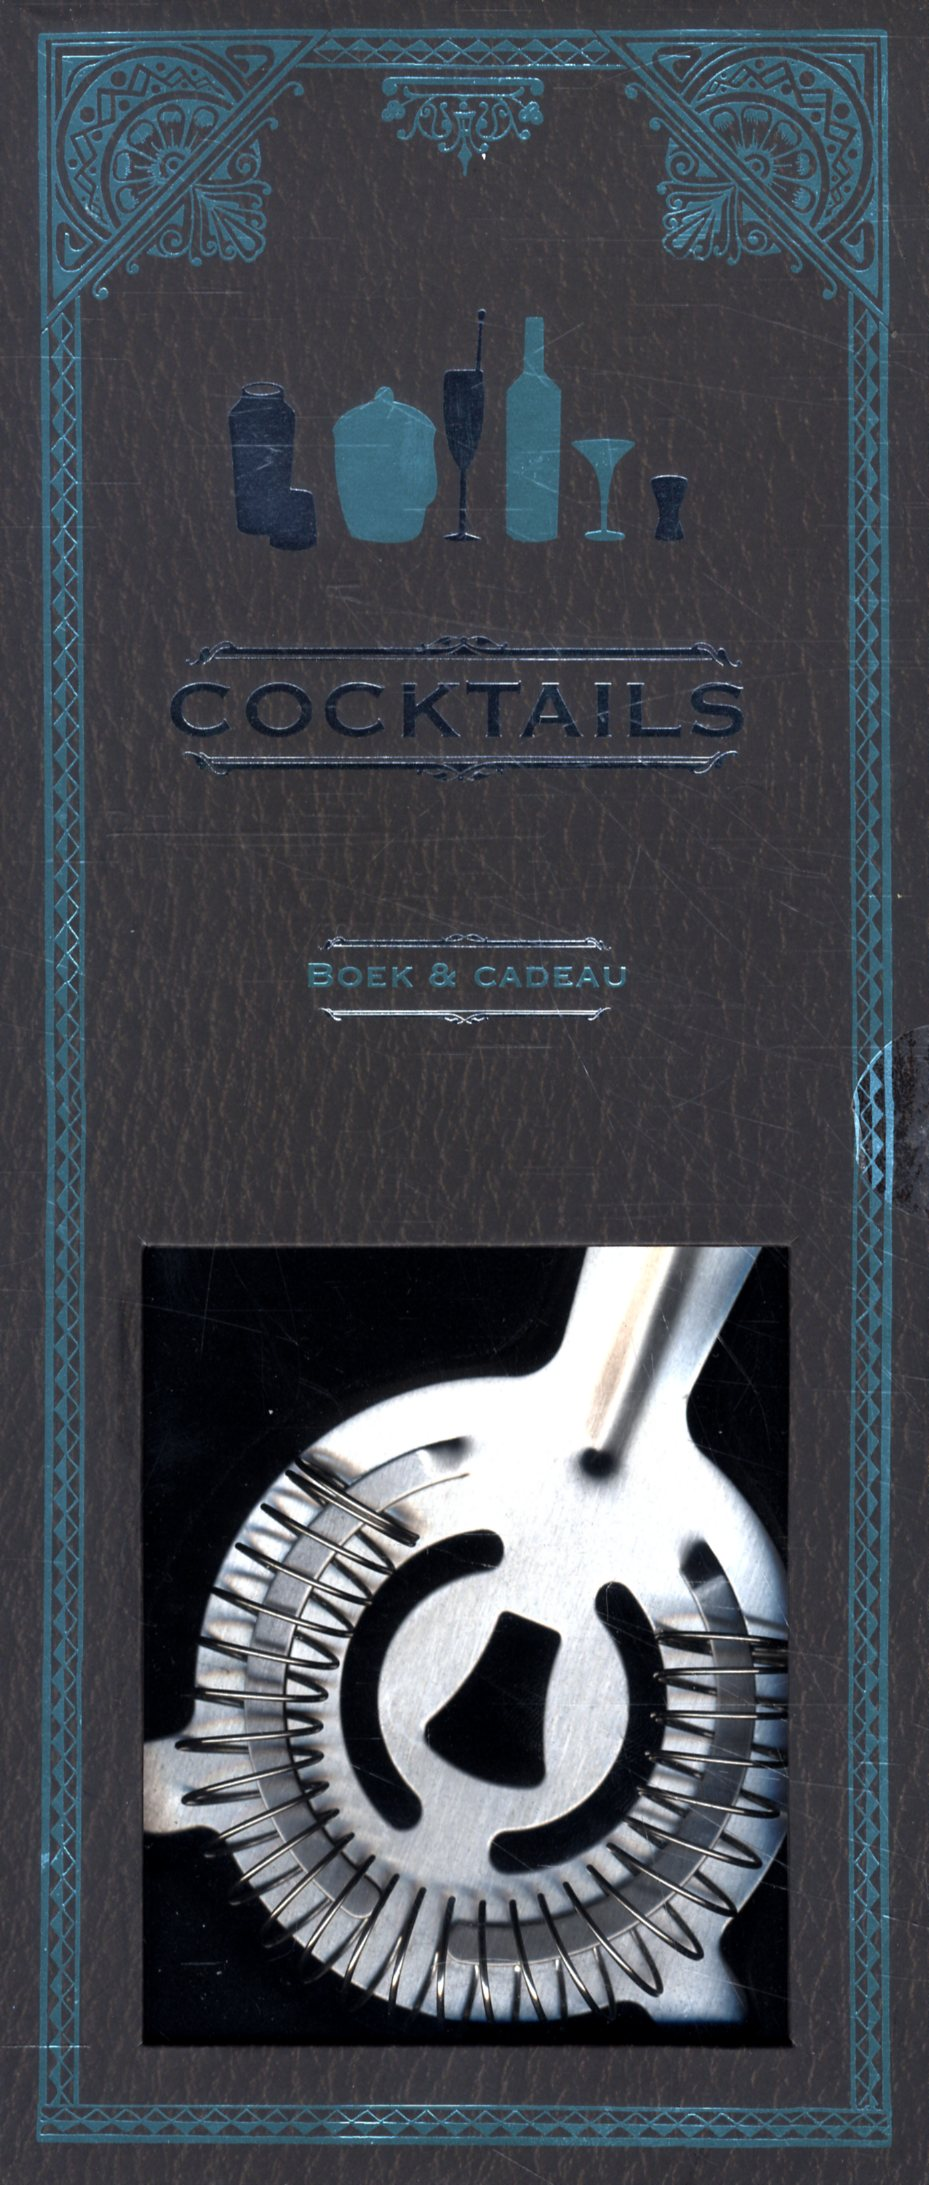 Boek&cadeau Cocktails